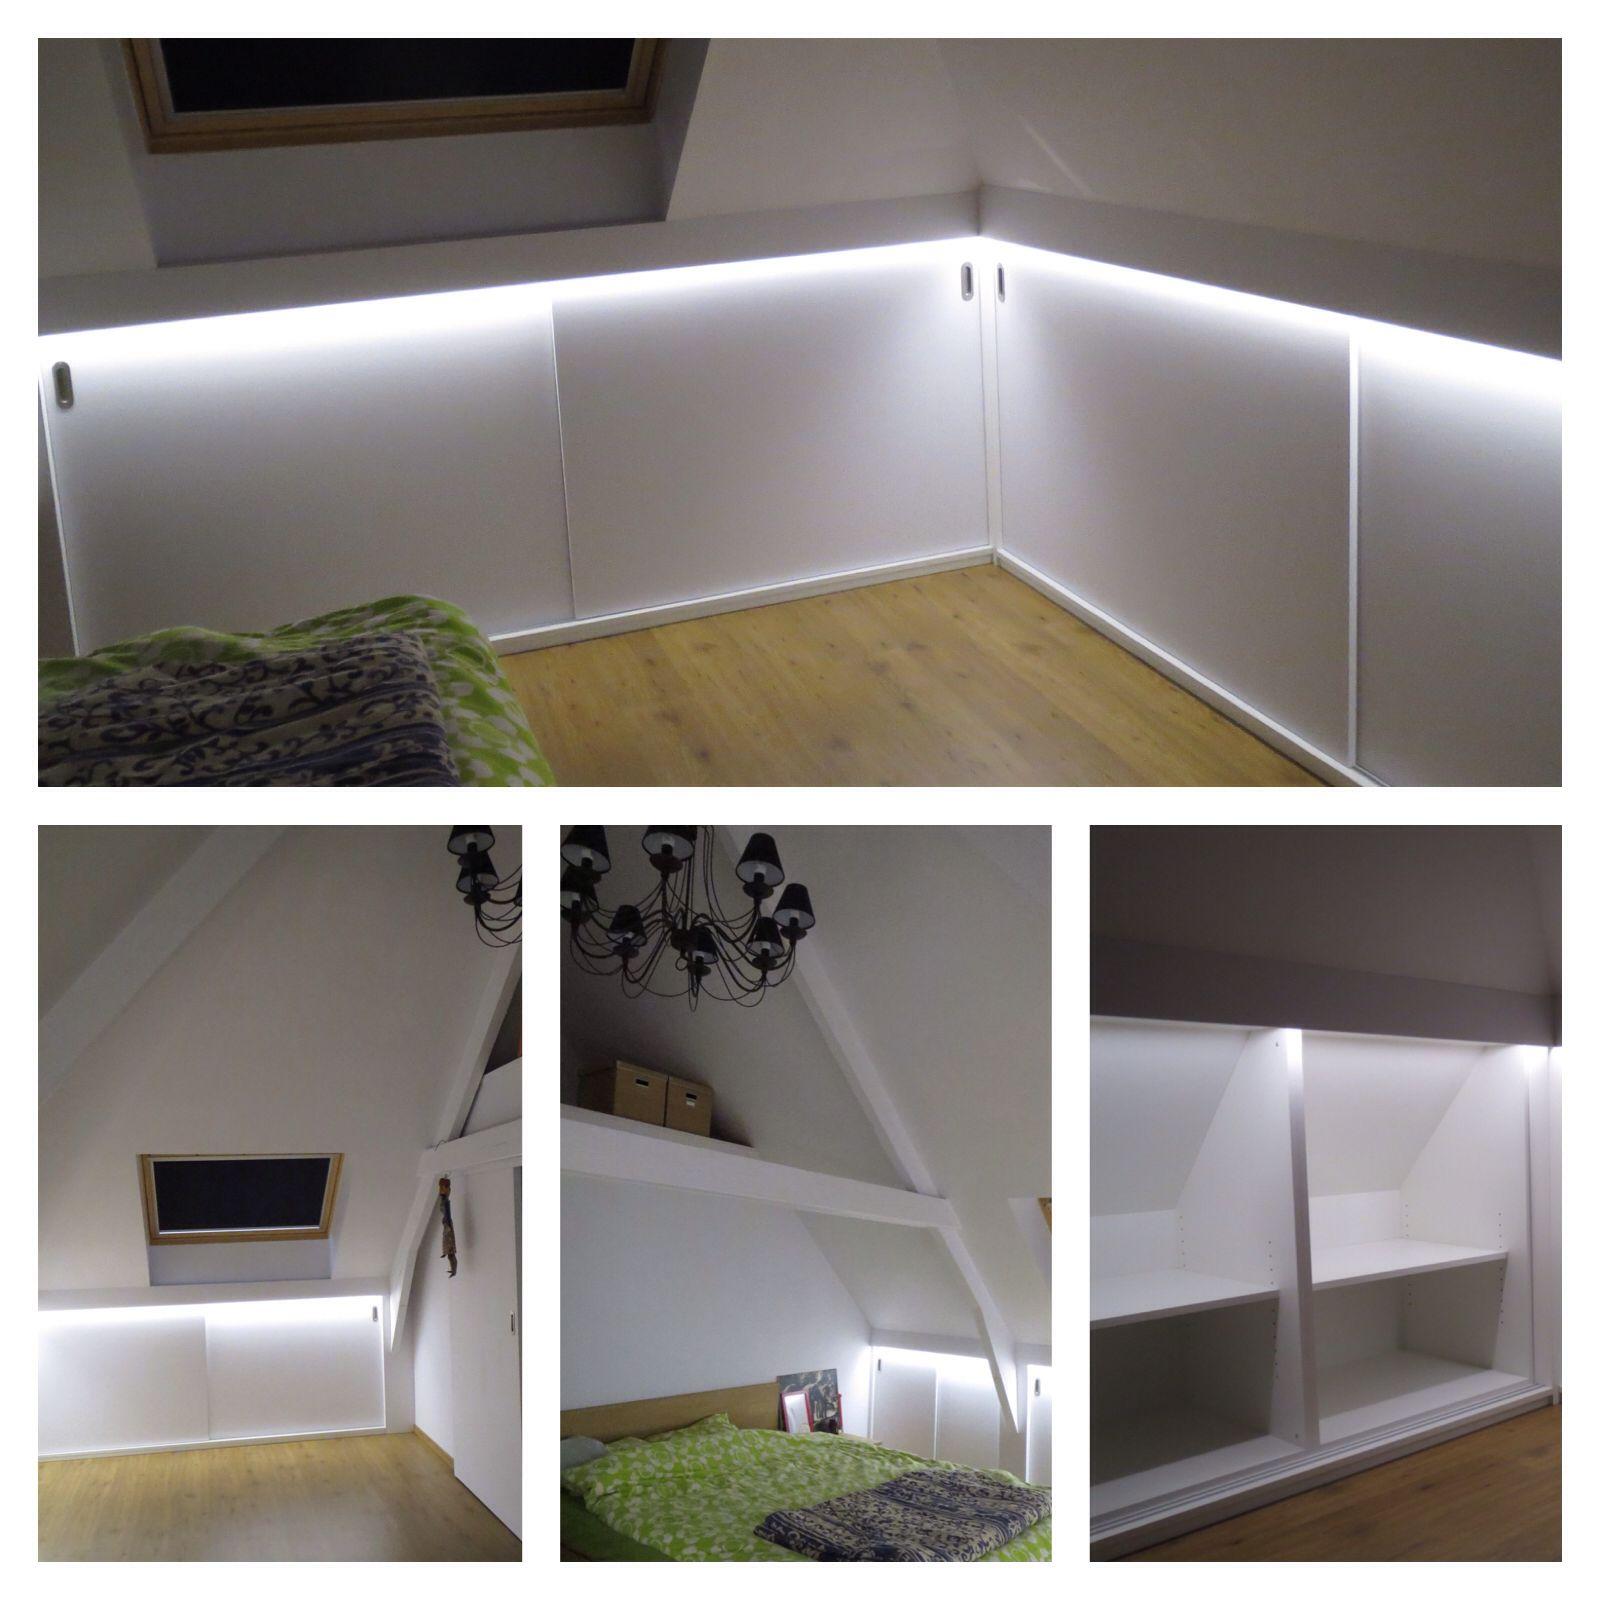 Maatkasten onder schuin dak met led verlichting custom made smart furniture pinterest - Mezzanine verlichting ...